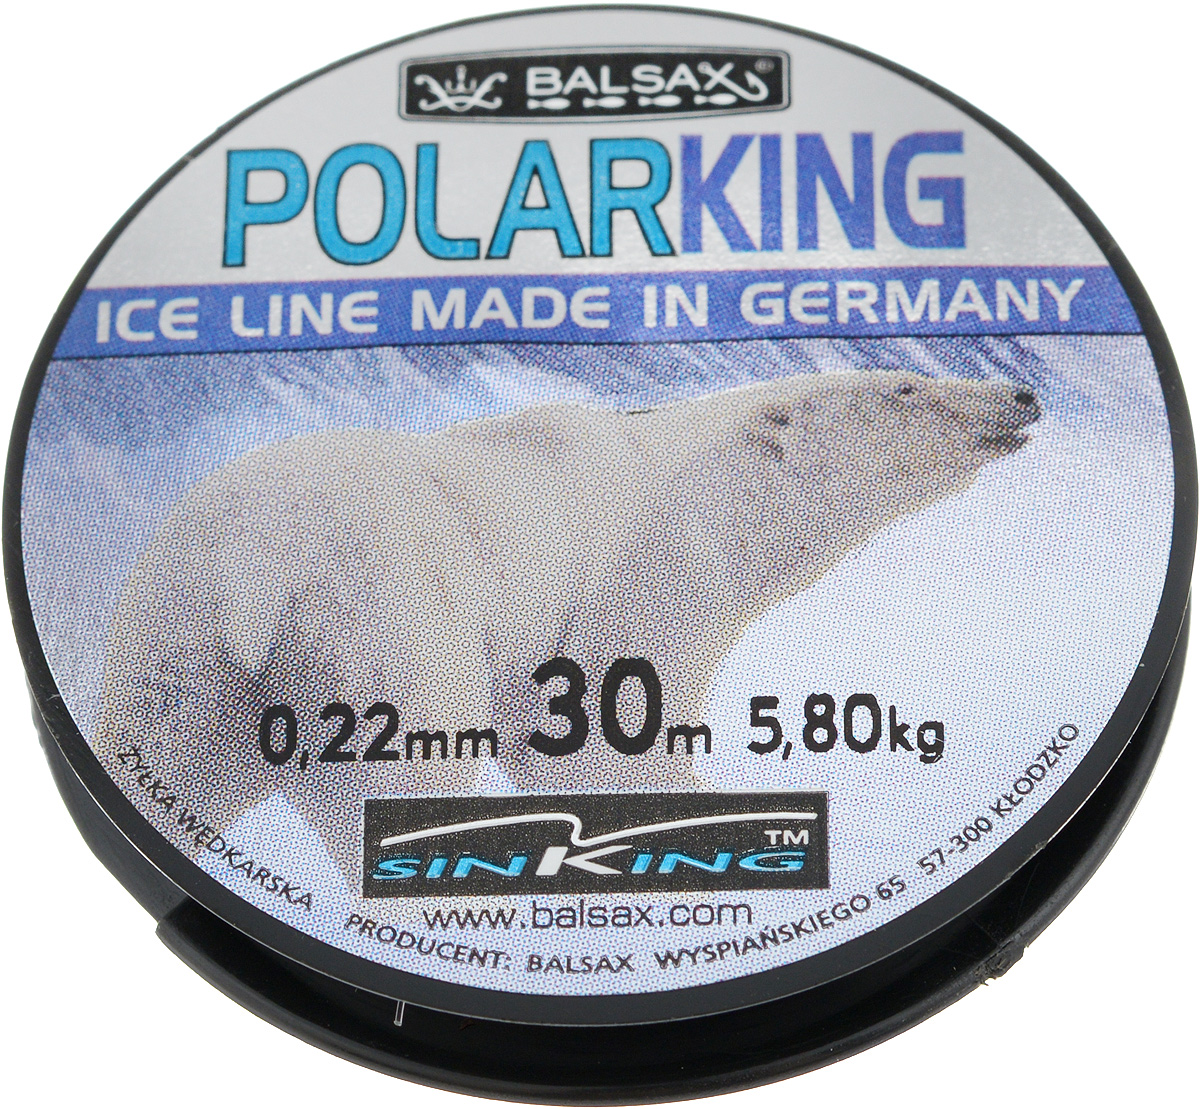 Леска зимняя Balsax Polar King, 30 м, 0,22 мм, 5,8 кг310-07016Леска Balsax Polar King изготовлена из 100% нейлона и очень хорошо выдерживает низкие температуры. Даже в самом холодном климате, при температуре вплоть до -40°C, она сохраняет свои свойства практически без изменений, в то время как традиционные лески становятся менее эластичными и теряют прочность.Поверхность лески обработана таким образом, что она не обмерзает и отлично подходит для подледного лова. Прочна в местах вязки узлов даже при минимальном диаметре.